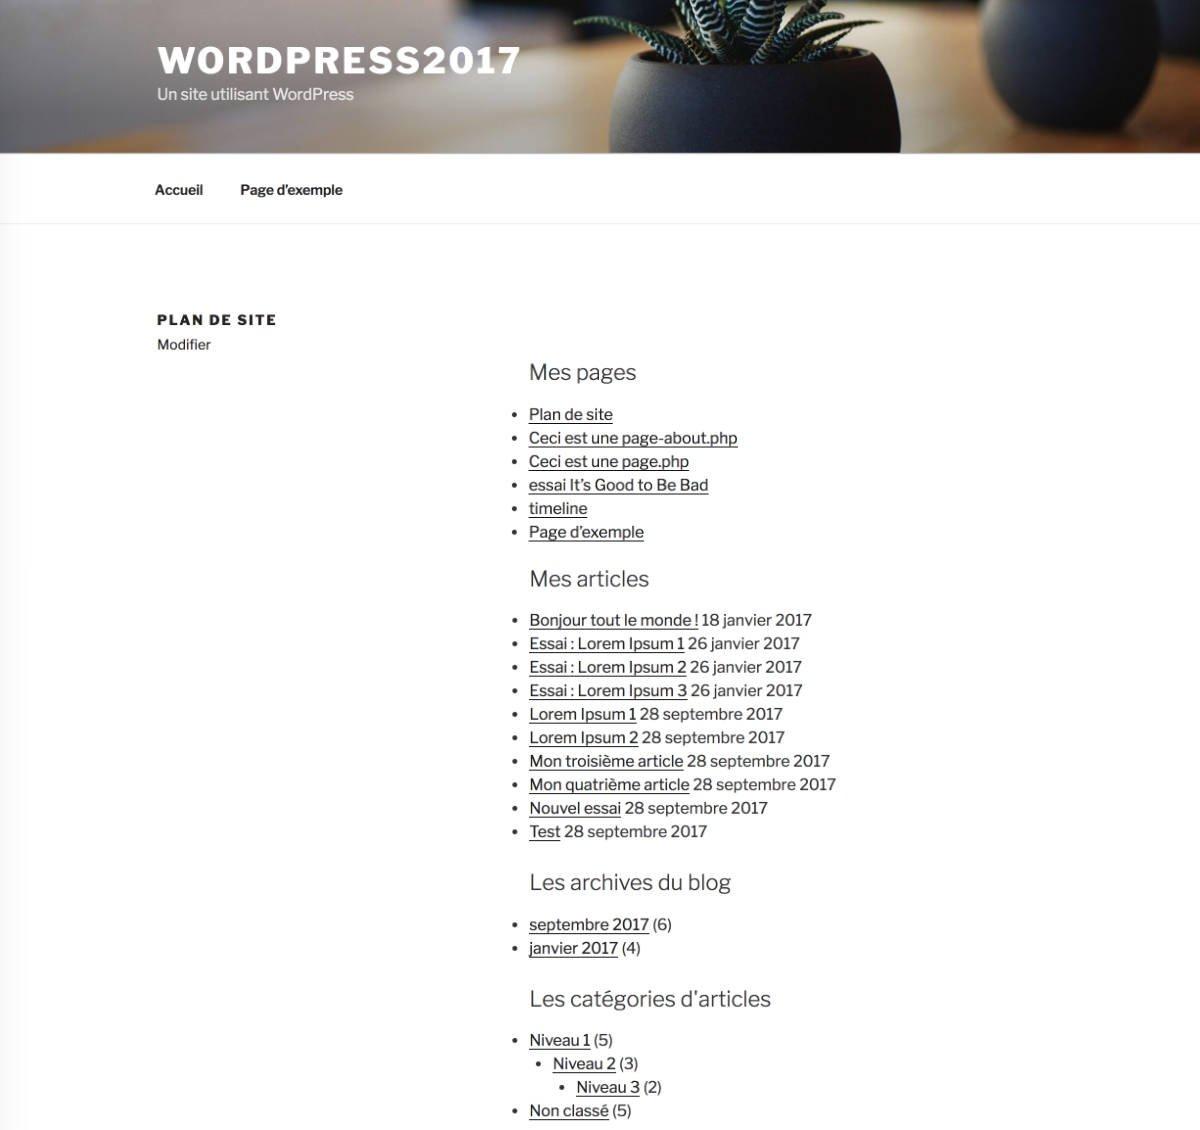 Affichage en front end du plan de site